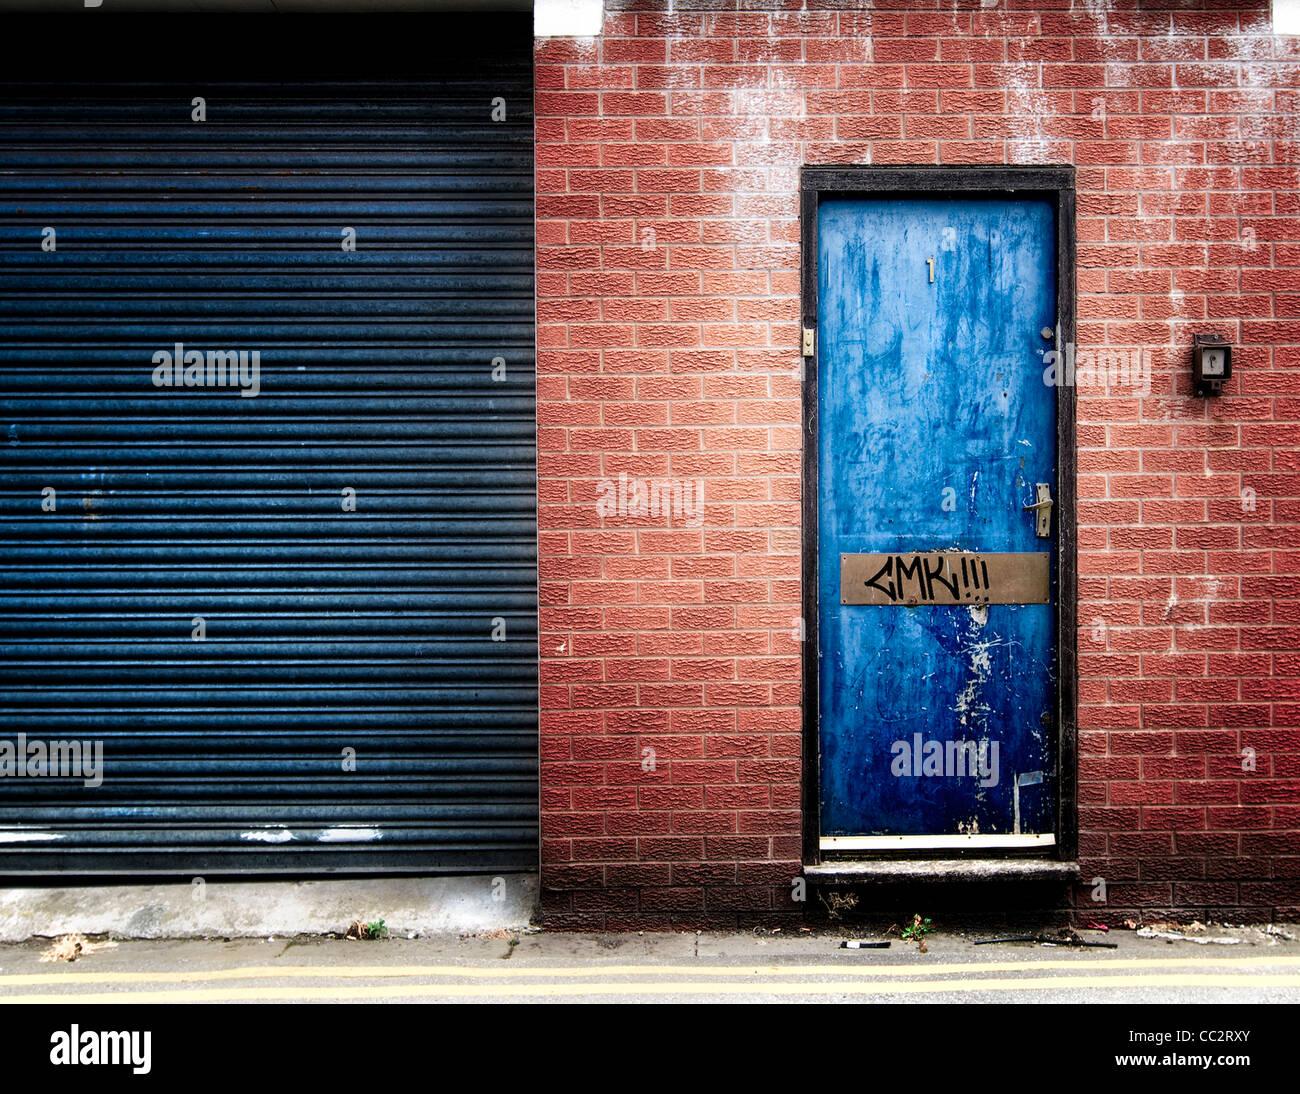 Derelict door with graffiti - Stock Image